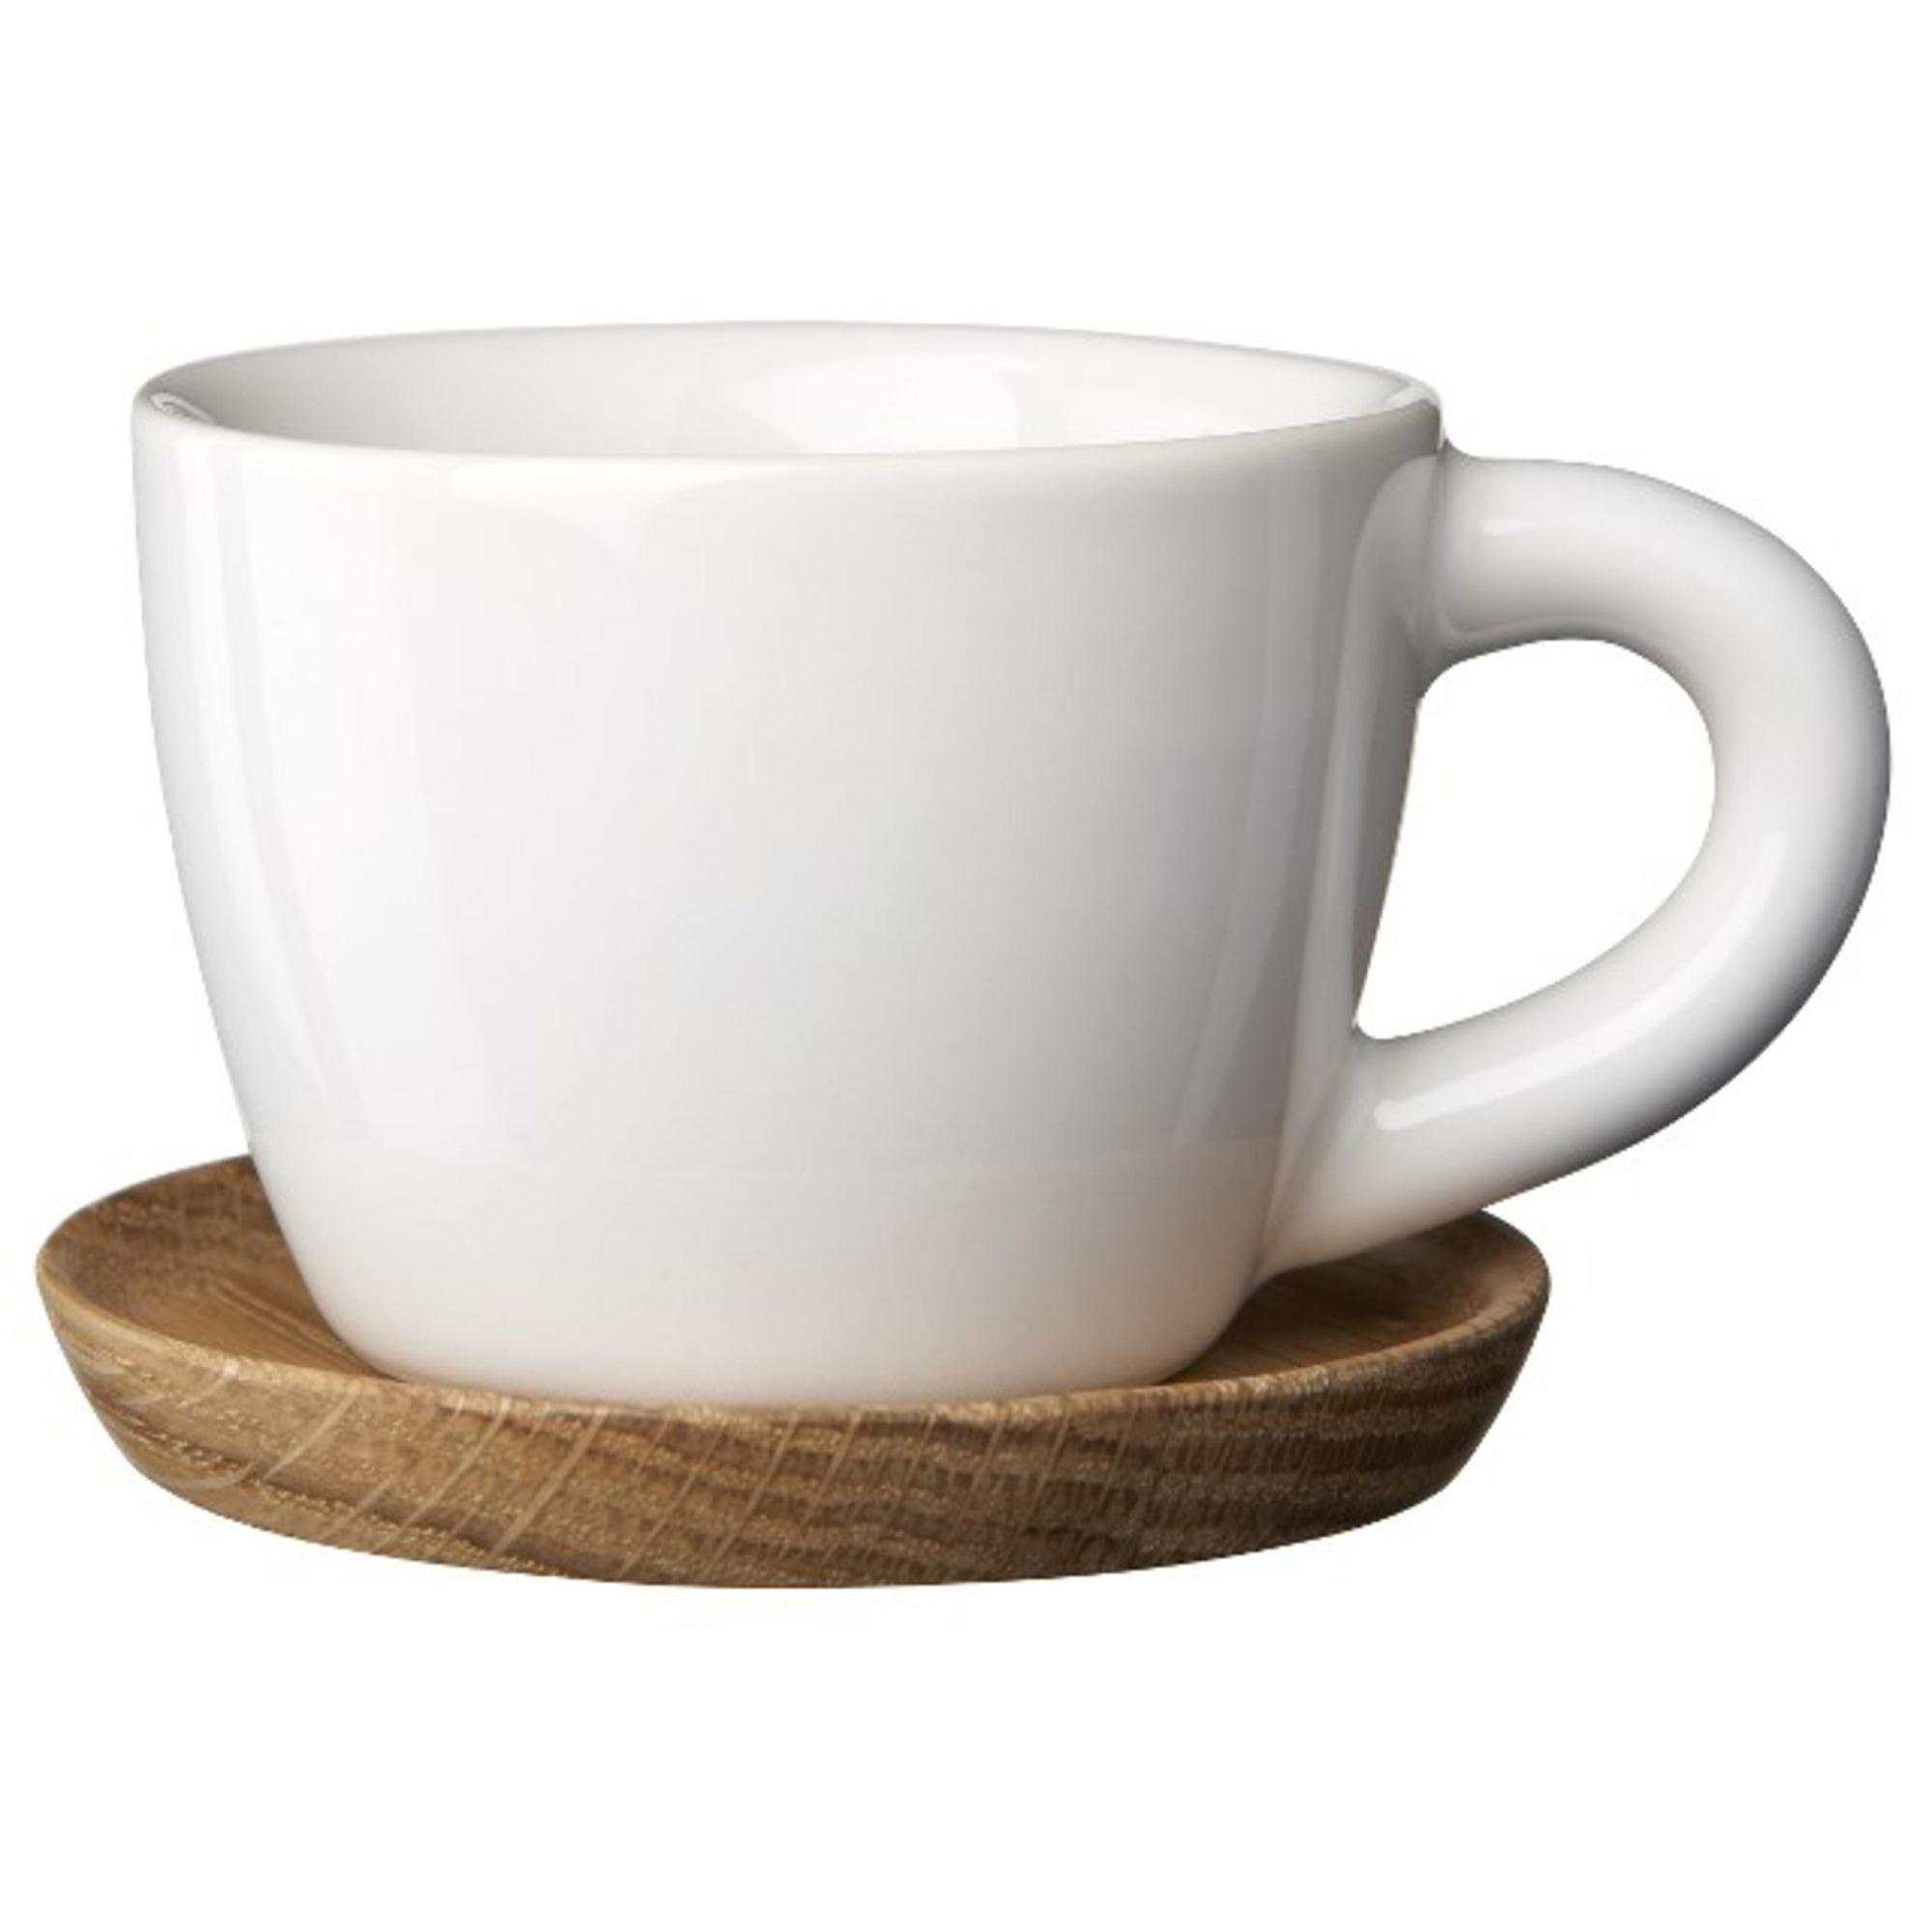 Höganäs Keramik Espressokopp 10 cl med Träfat Vitblank